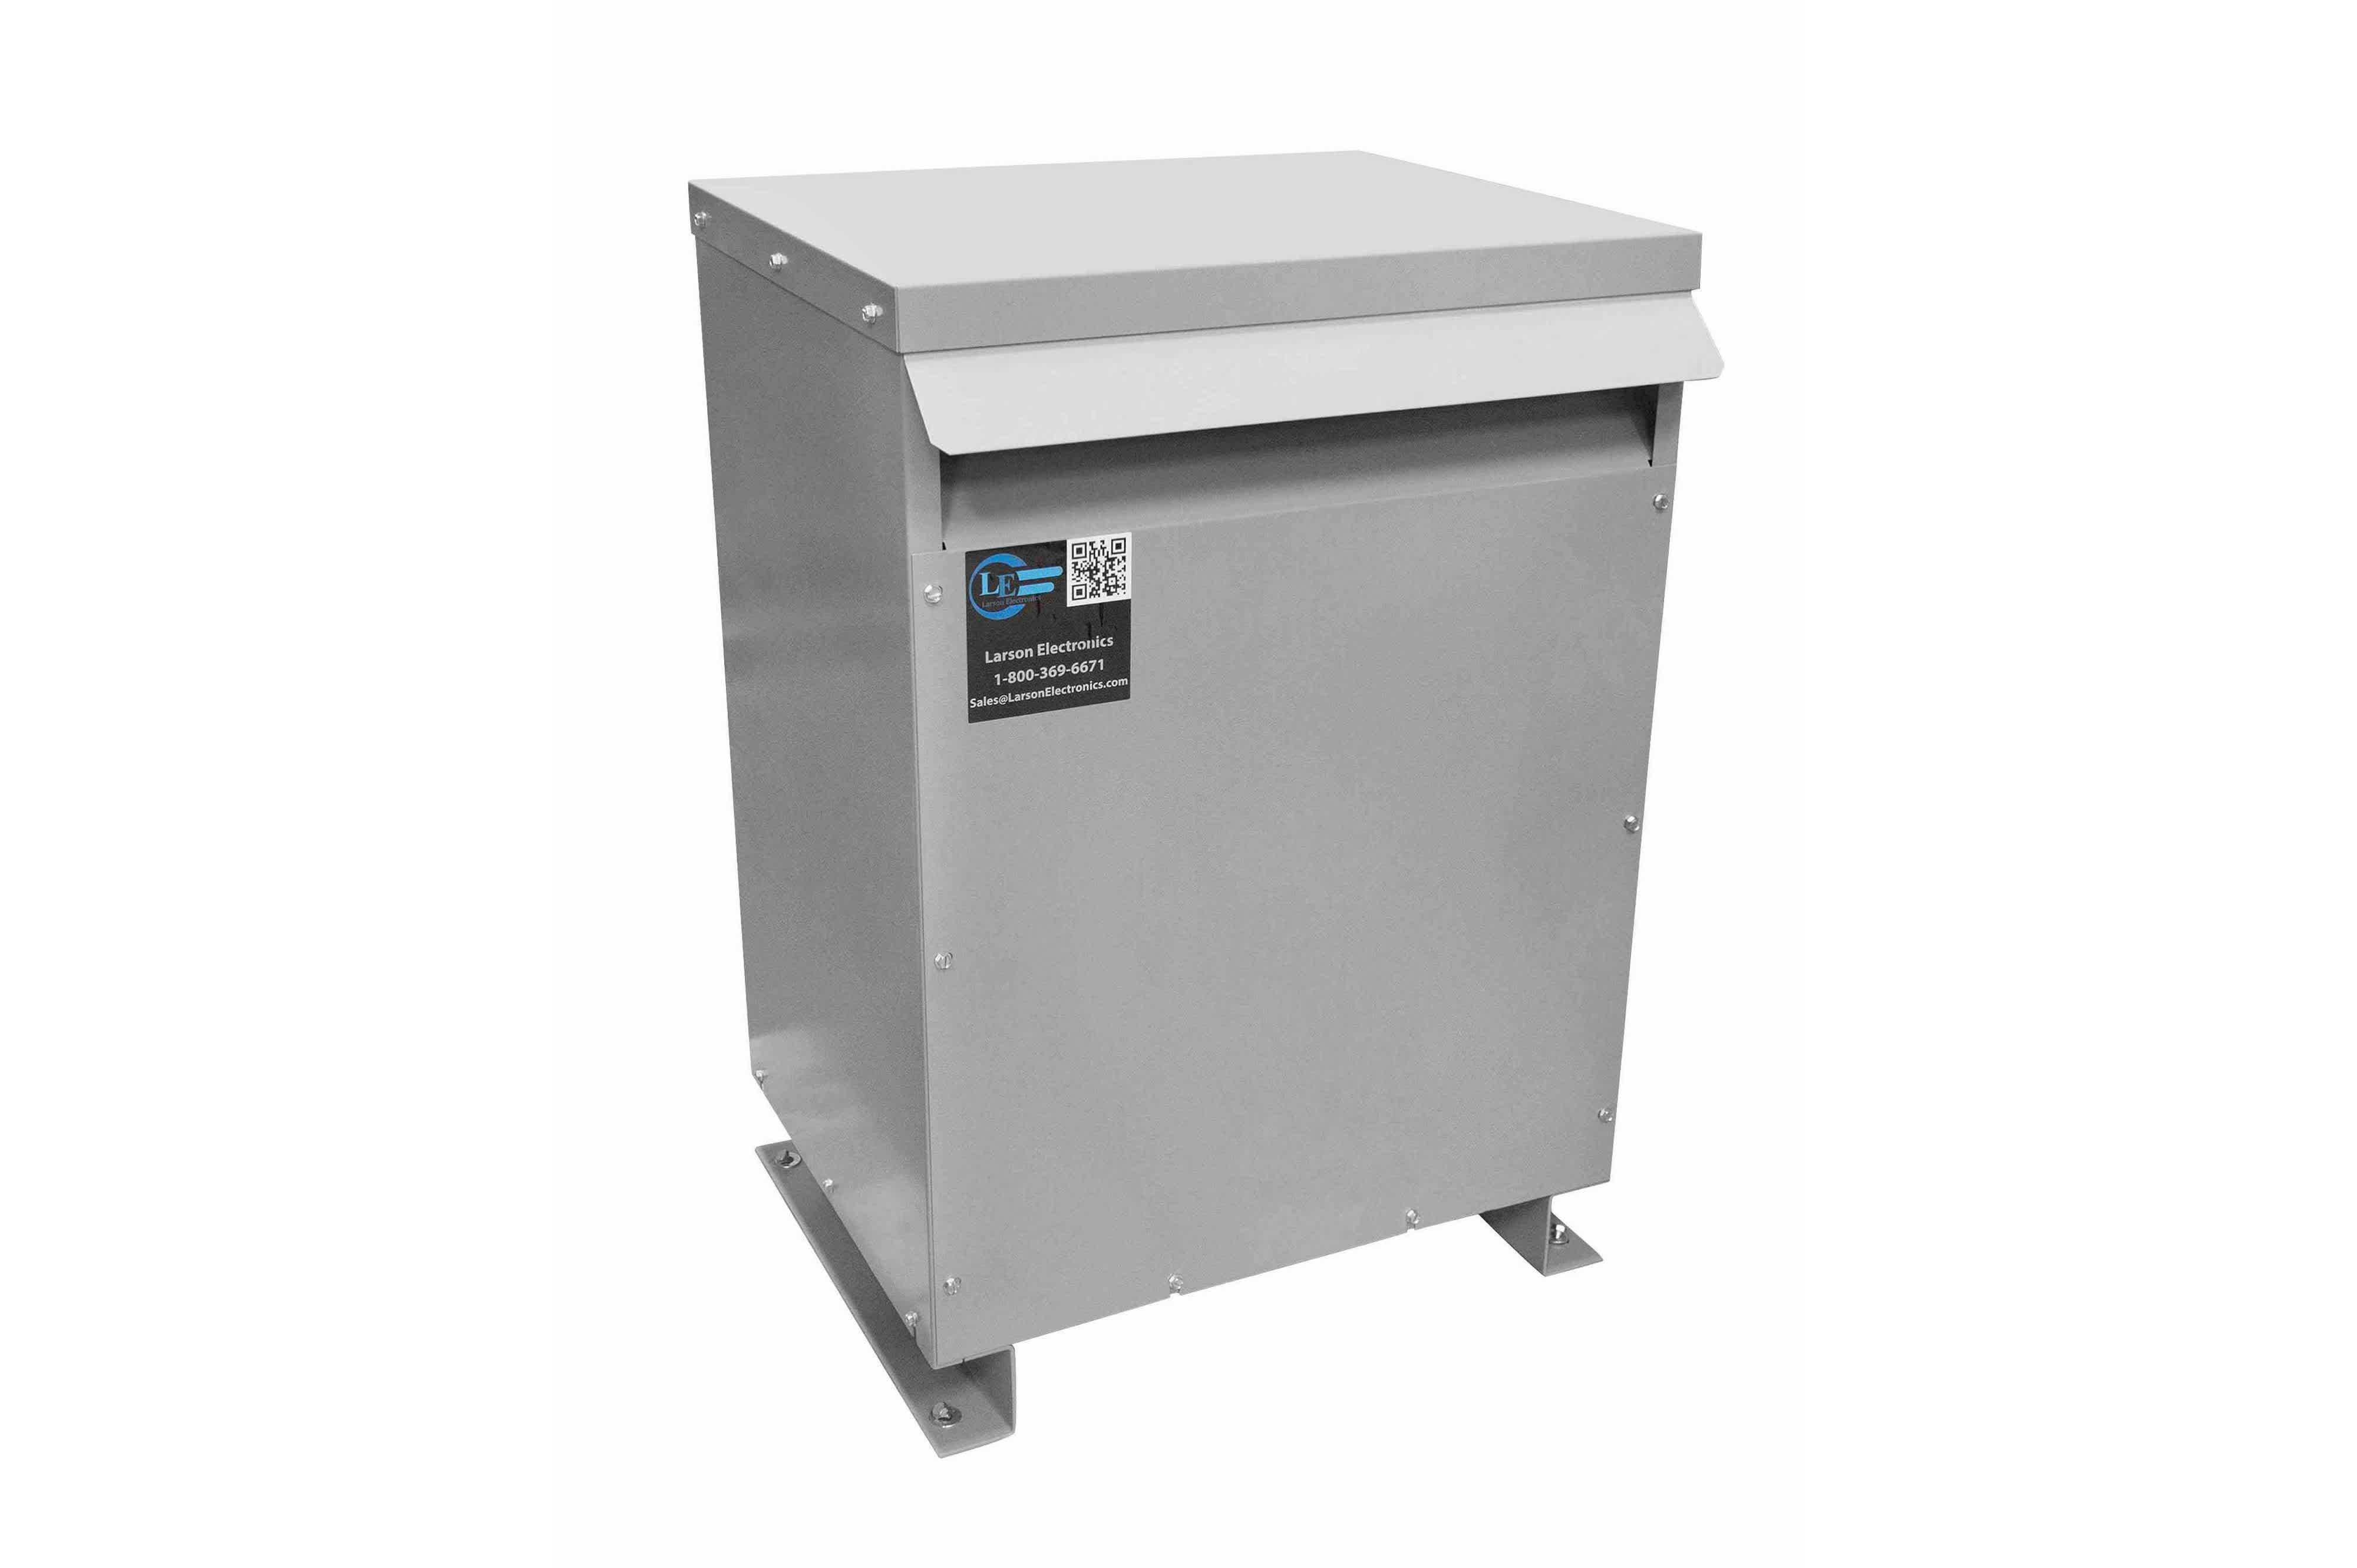 55 kVA 3PH Isolation Transformer, 208V Delta Primary, 415V Delta Secondary, N3R, Ventilated, 60 Hz